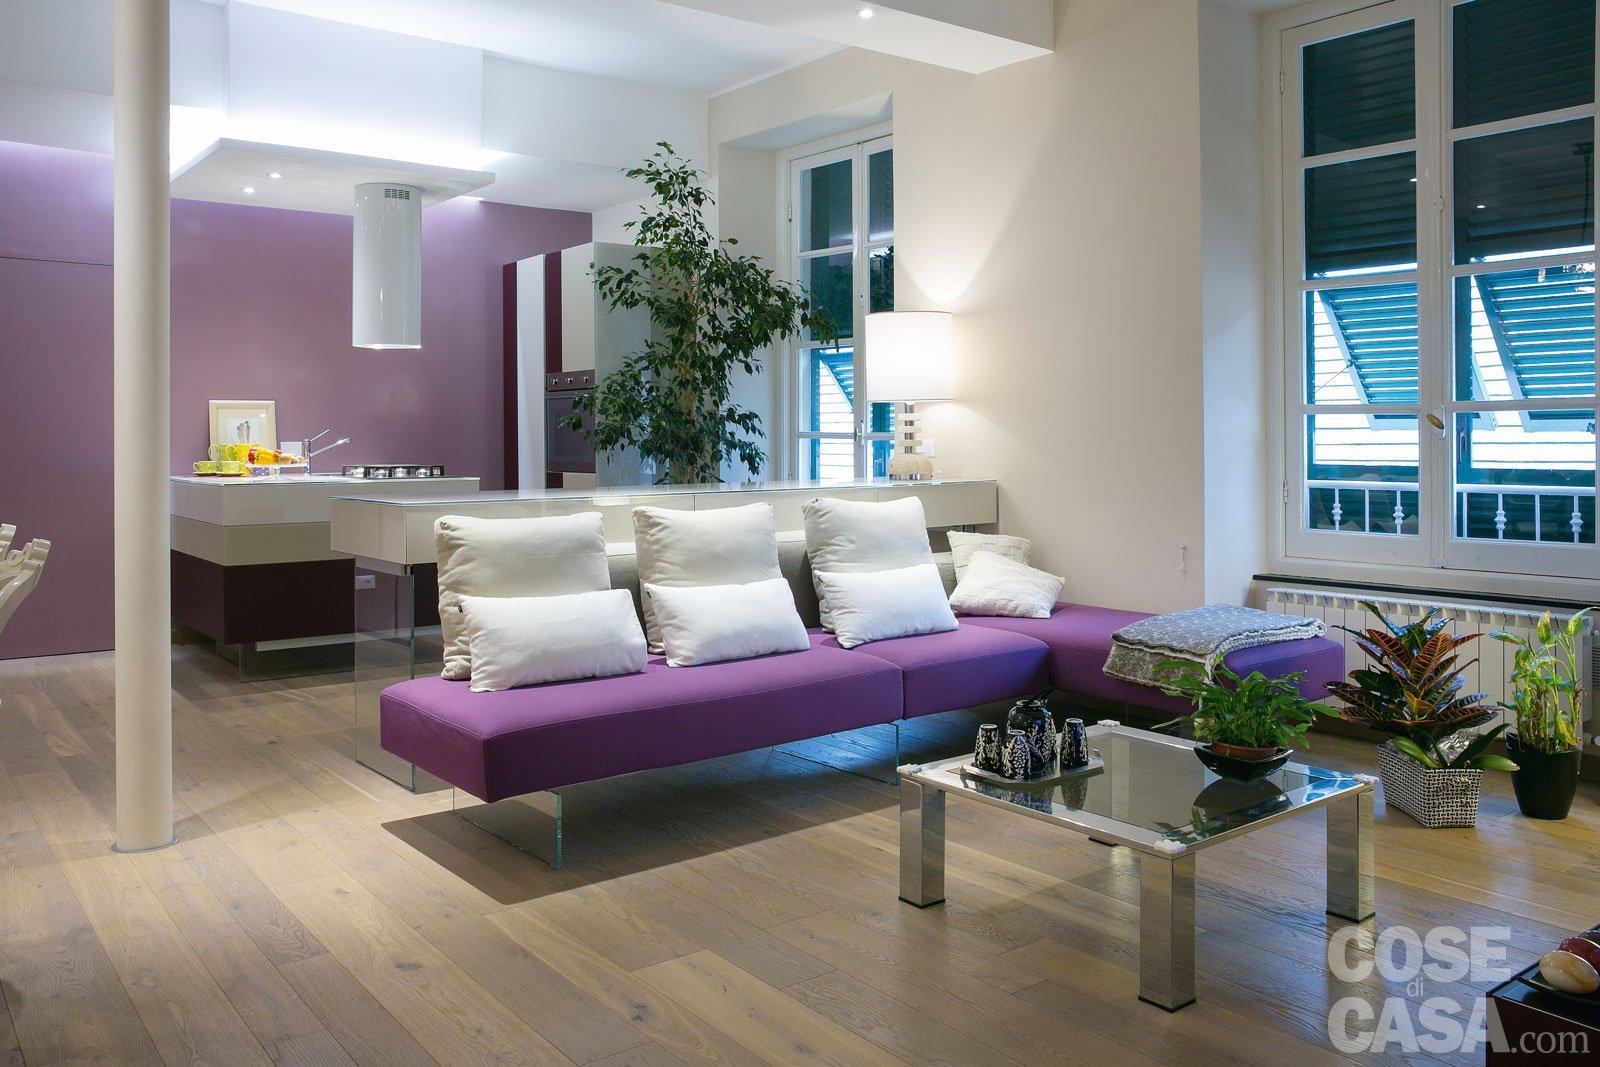 arredamento salotto verde ~ idee per il design della casa - Soggiorno Verde E Marrone 2